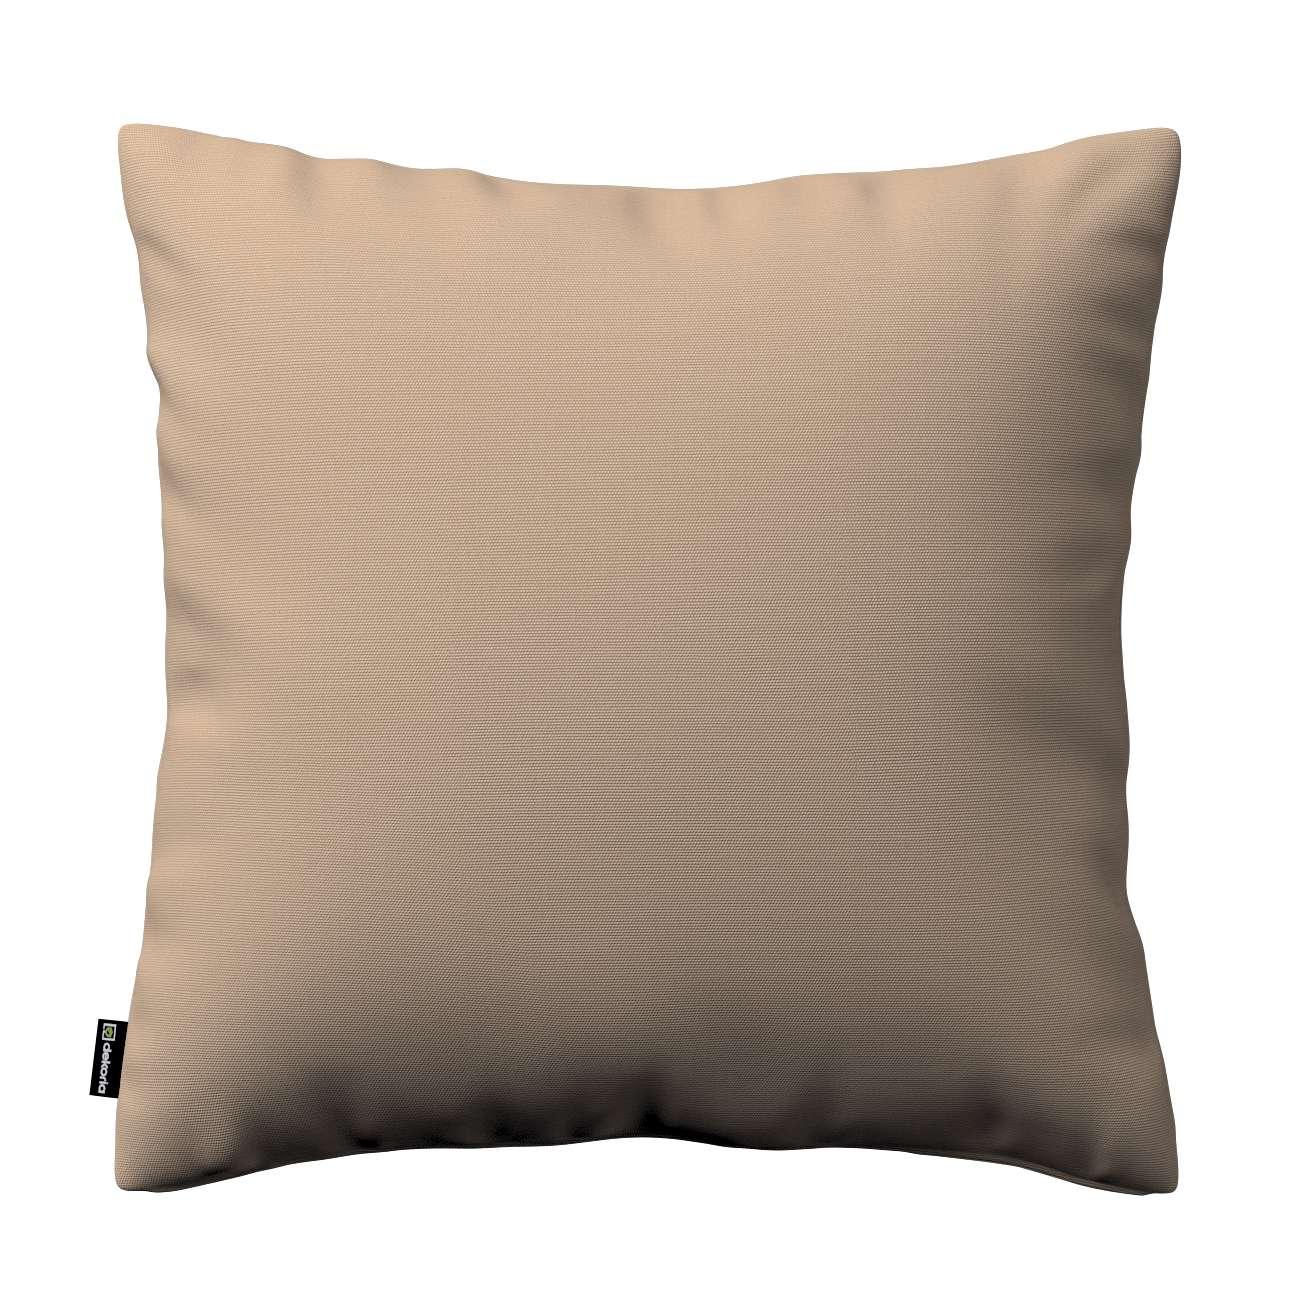 Poszewka Kinga na poduszkę 43 x 43 cm w kolekcji Cotton Panama, tkanina: 702-28